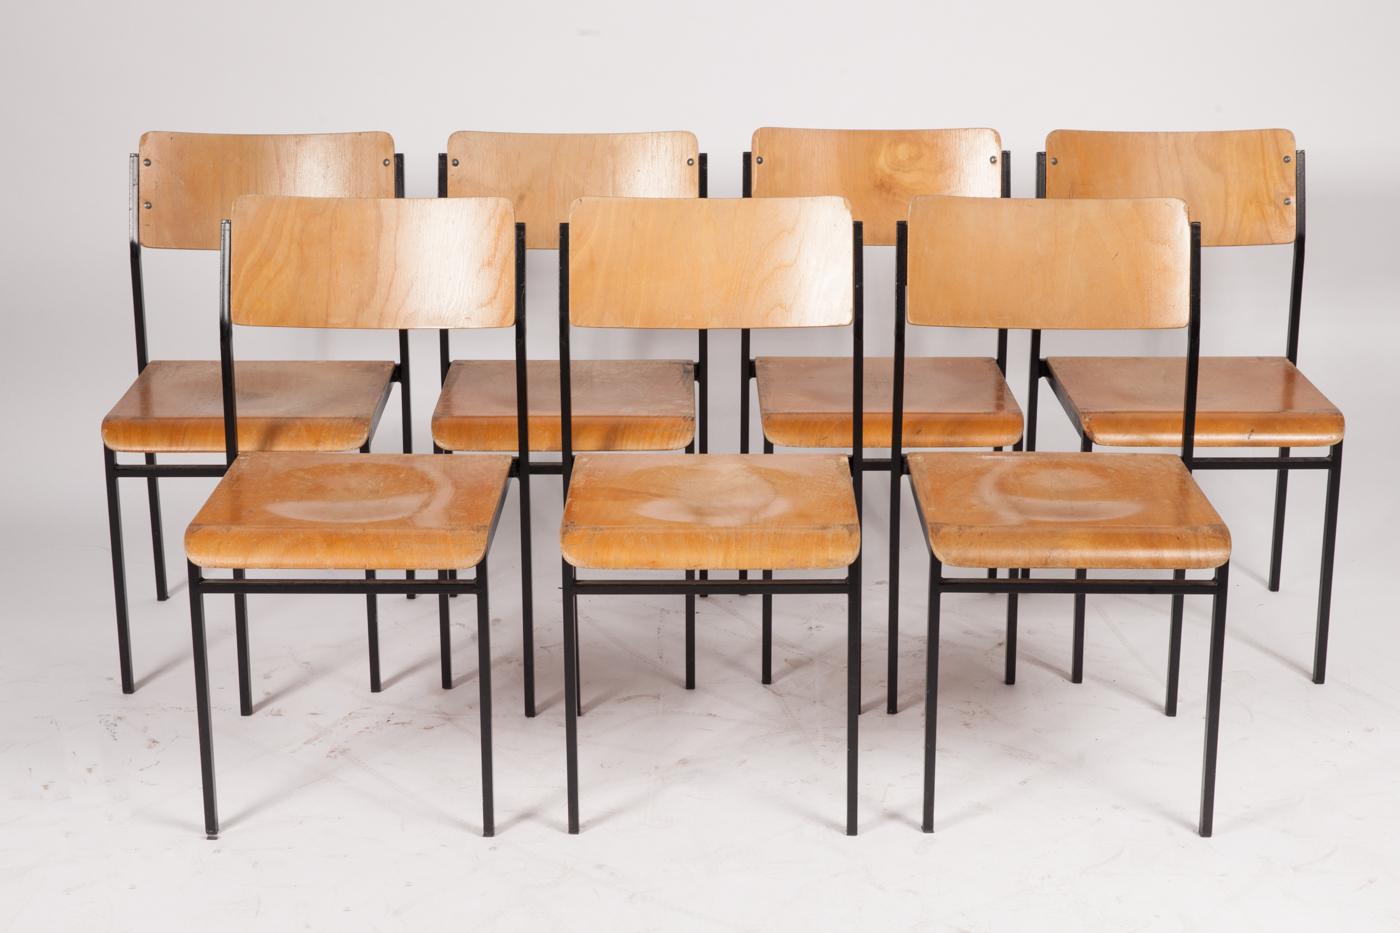 Auktionstipset - Stühle / Stapelstühle, Metall und Holz (7)